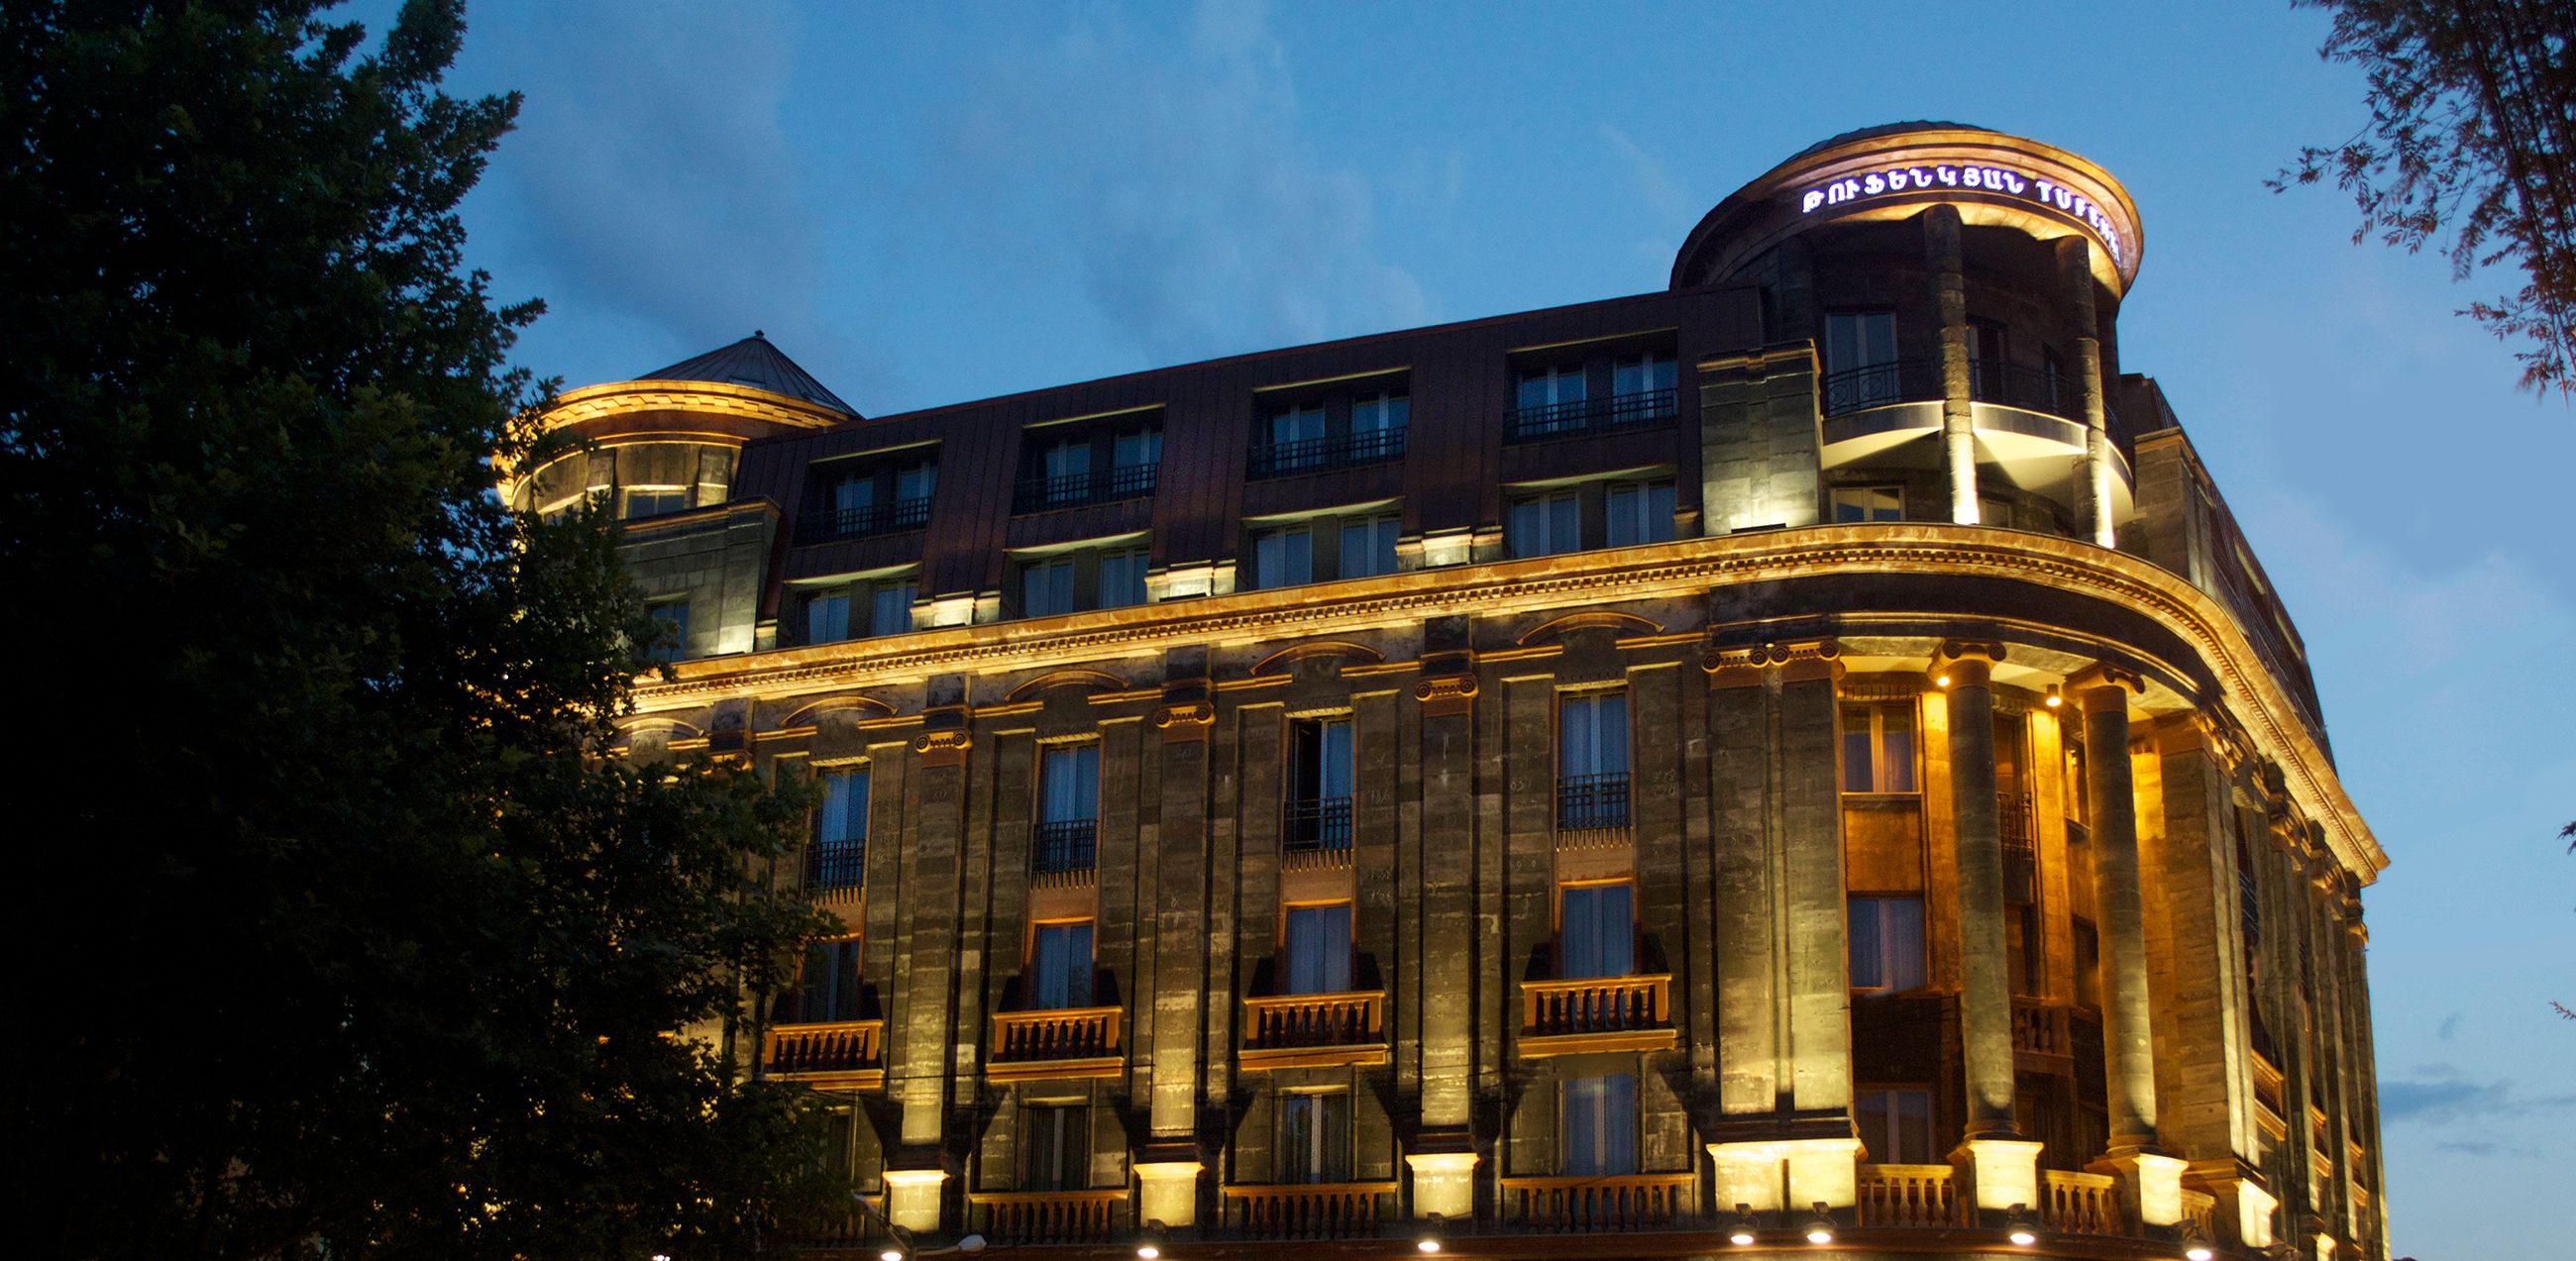 تور ارمنستان هتل Historic ارمنستان ایروان Heritage Hotel Hotel Historic Hotels